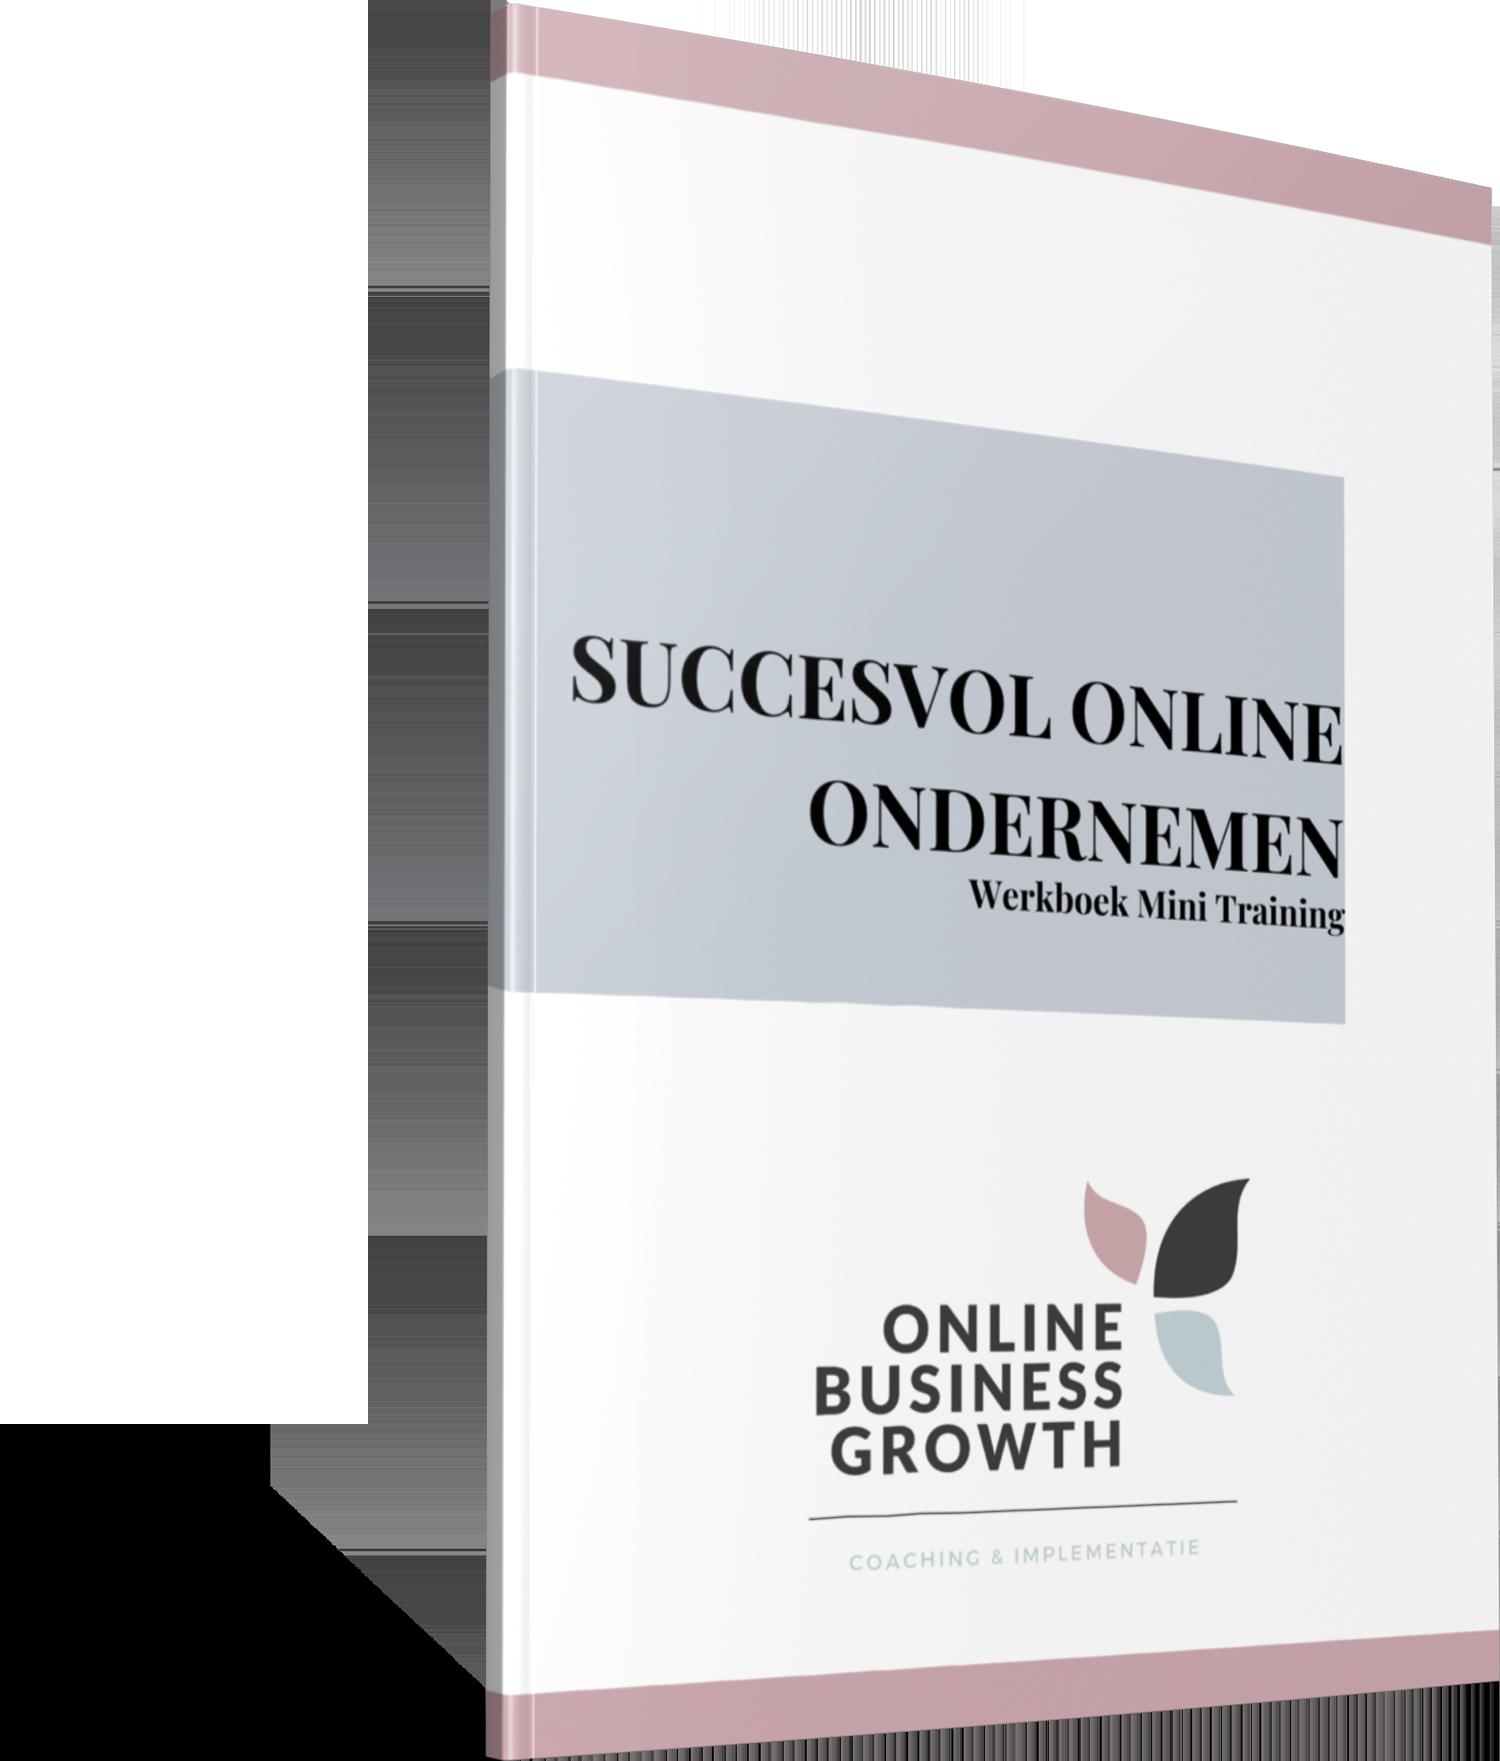 OBG_Succesvol_Online_Ondernemen